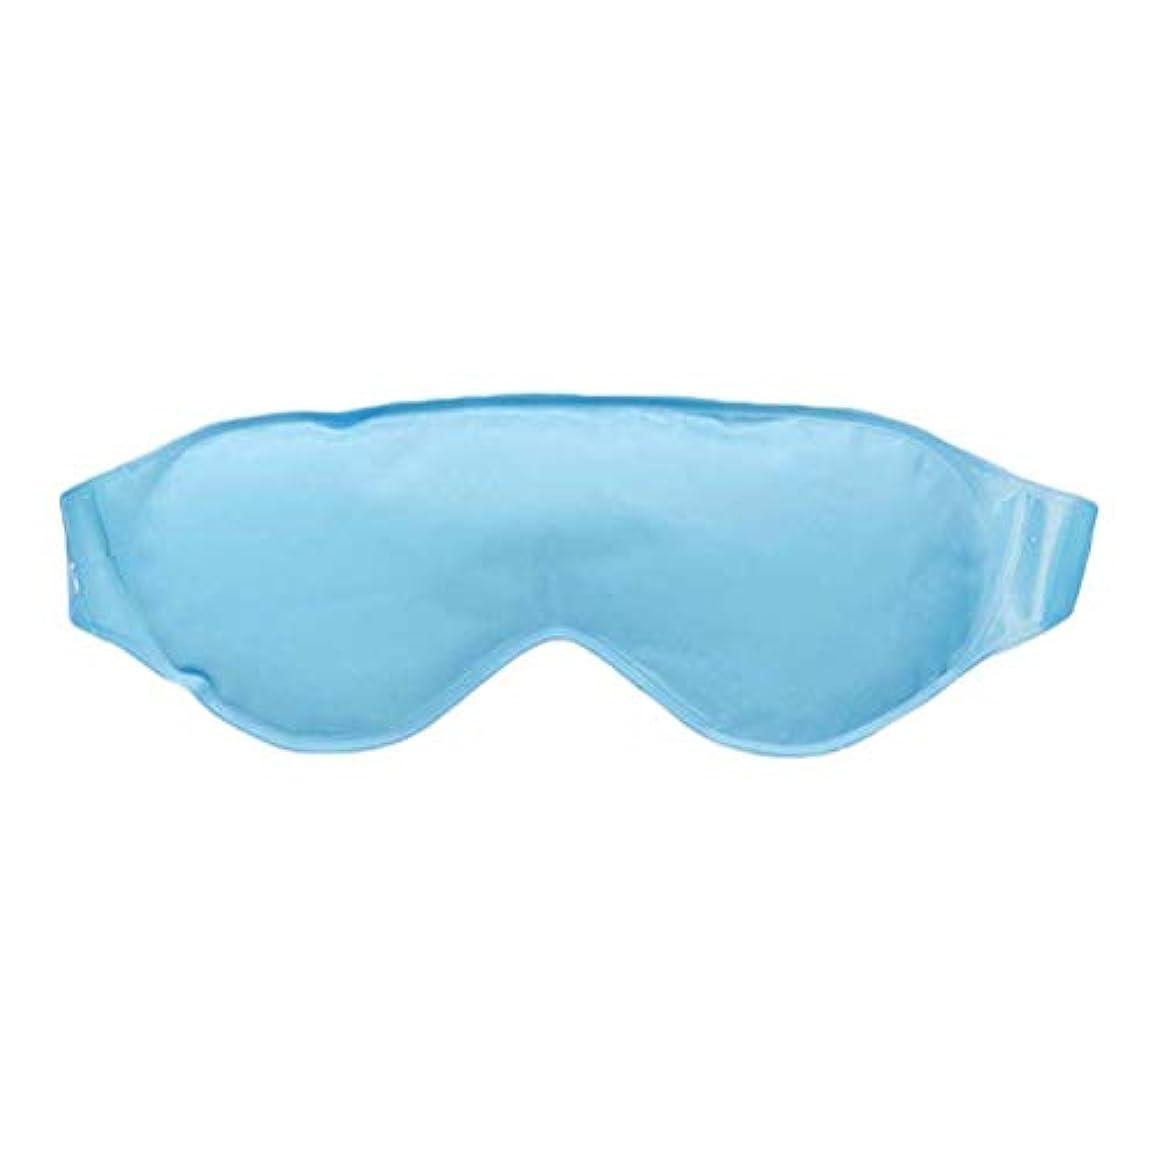 Healifty アイスアイマスクパッチ夏目隠し冷却リラックスブラインドアイリラックスセラピーマスク